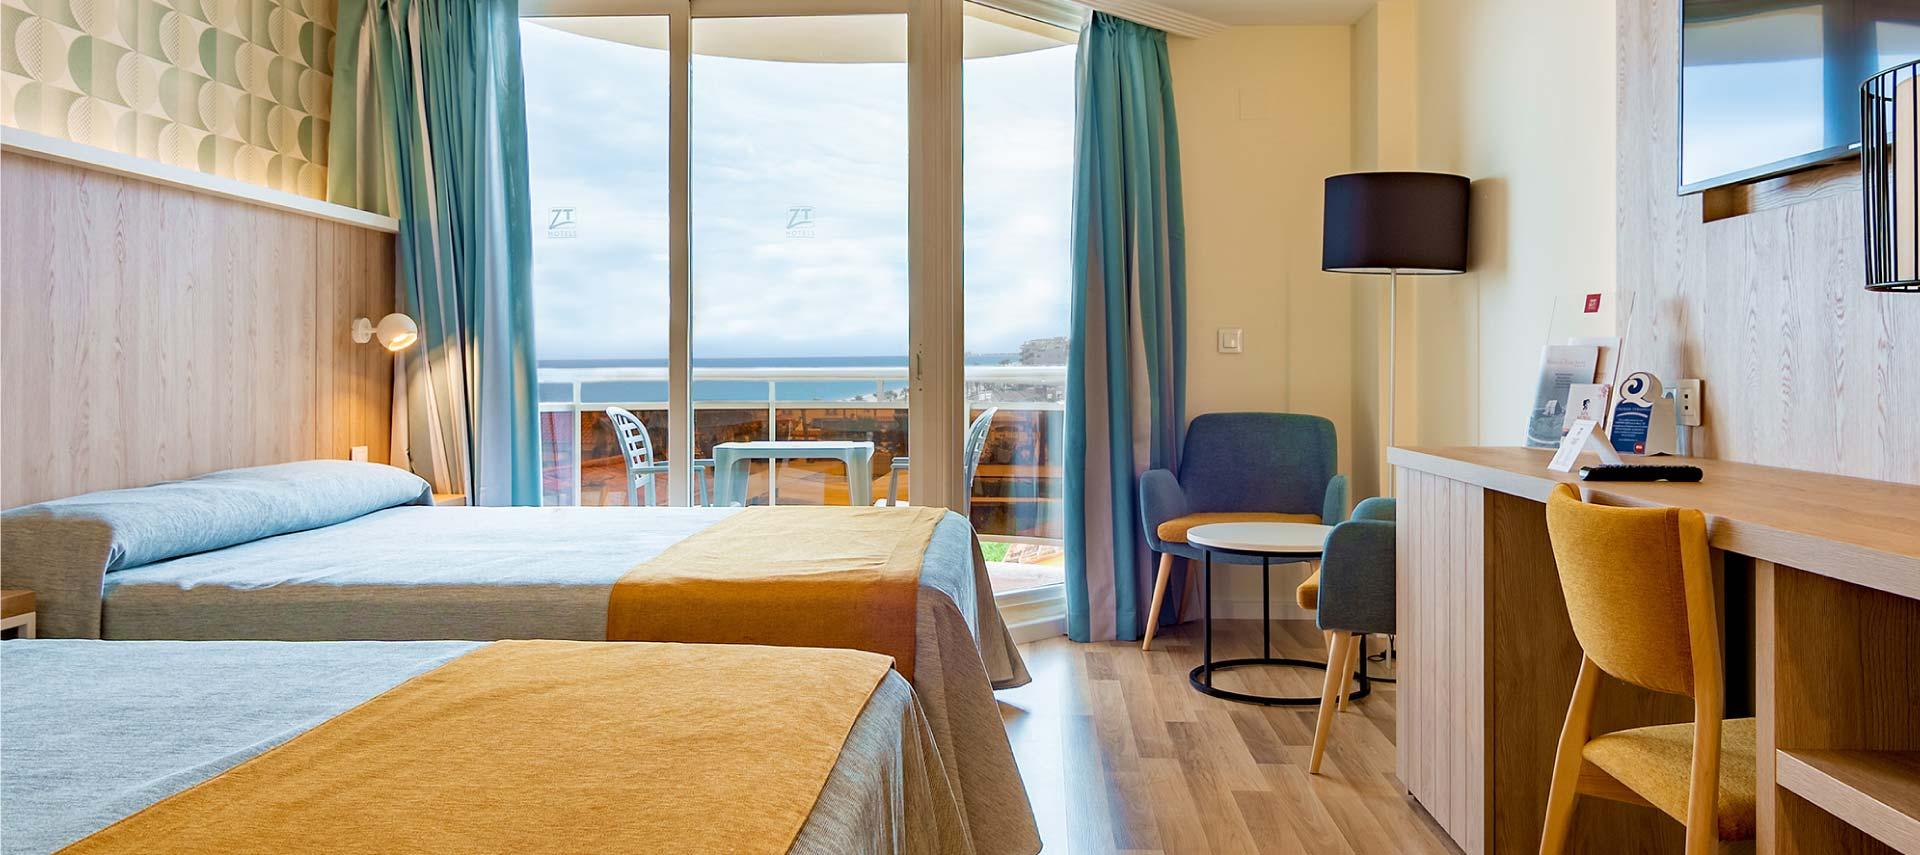 Habitación de ZT Hotel & Spa Peñíscola Plaza Suites